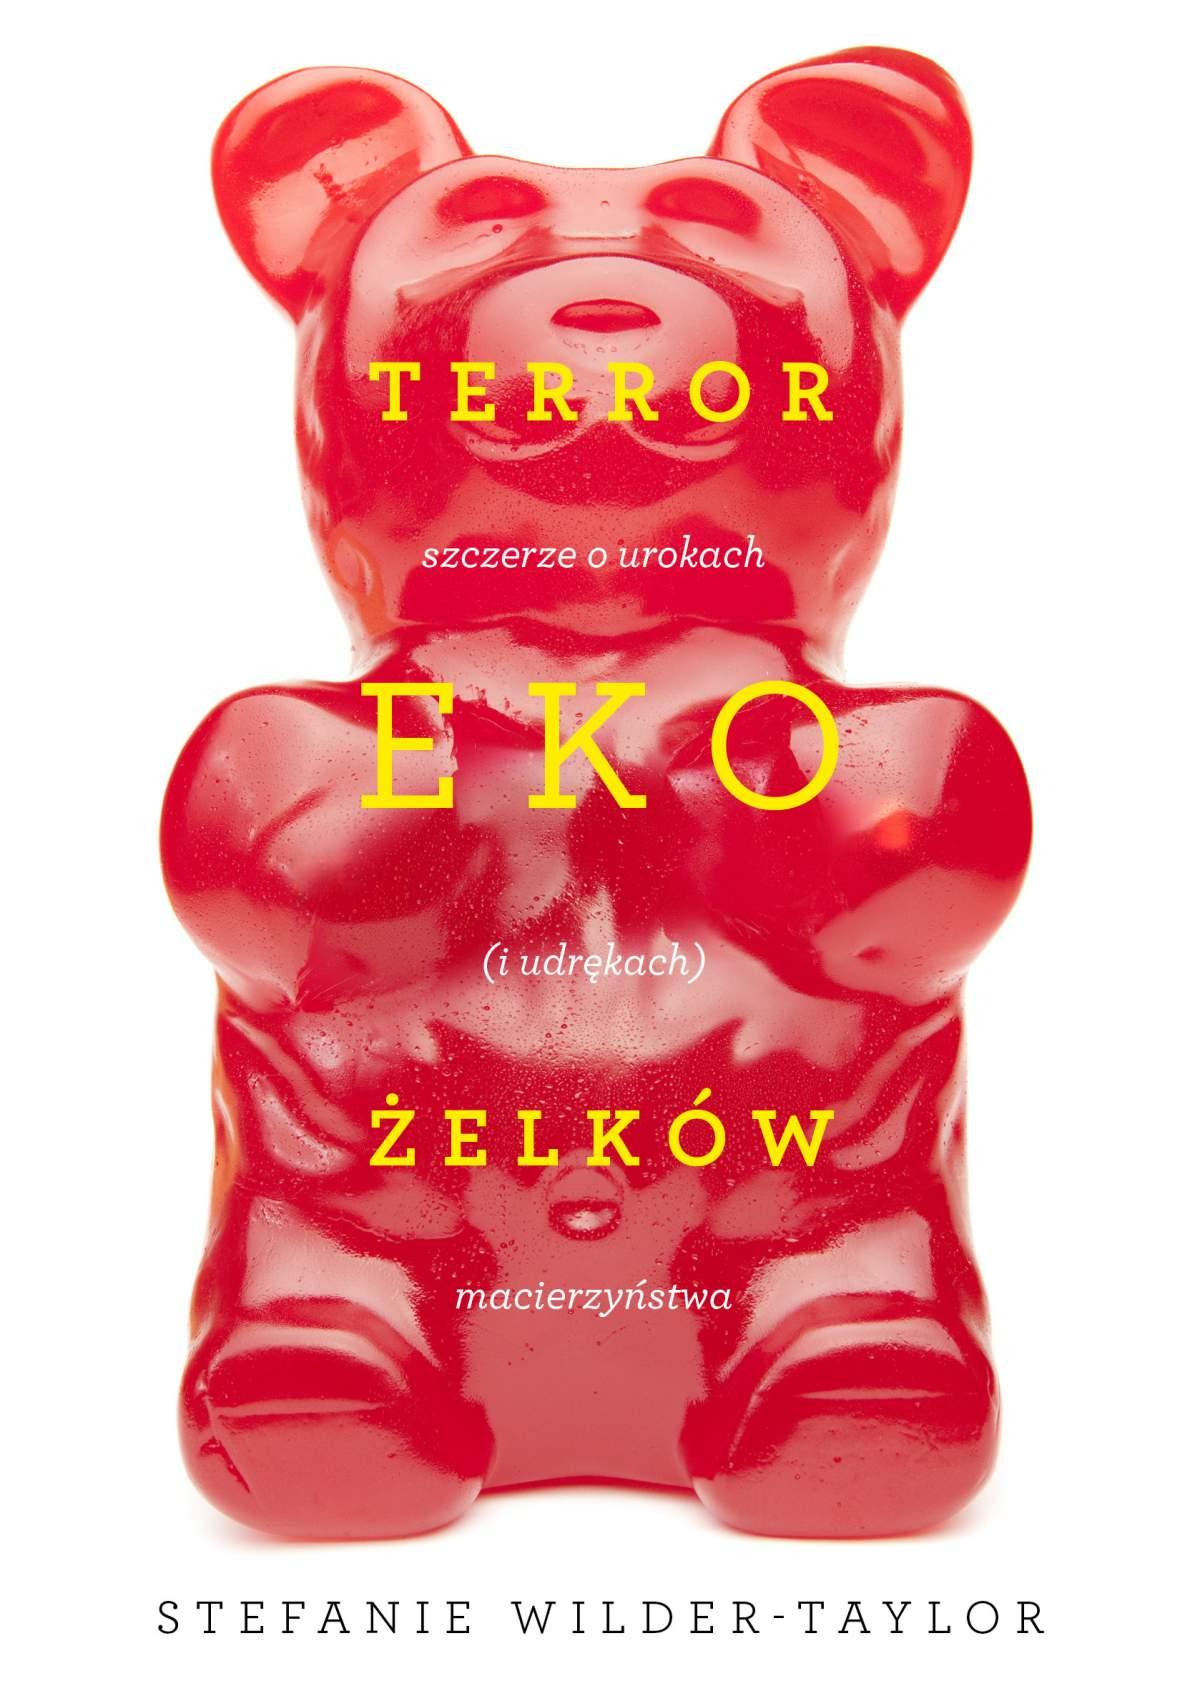 Terror ekożelków, czyli szczerze o urokach (i udrękach) macierzyństwa - Ebook (Książka EPUB) do pobrania w formacie EPUB